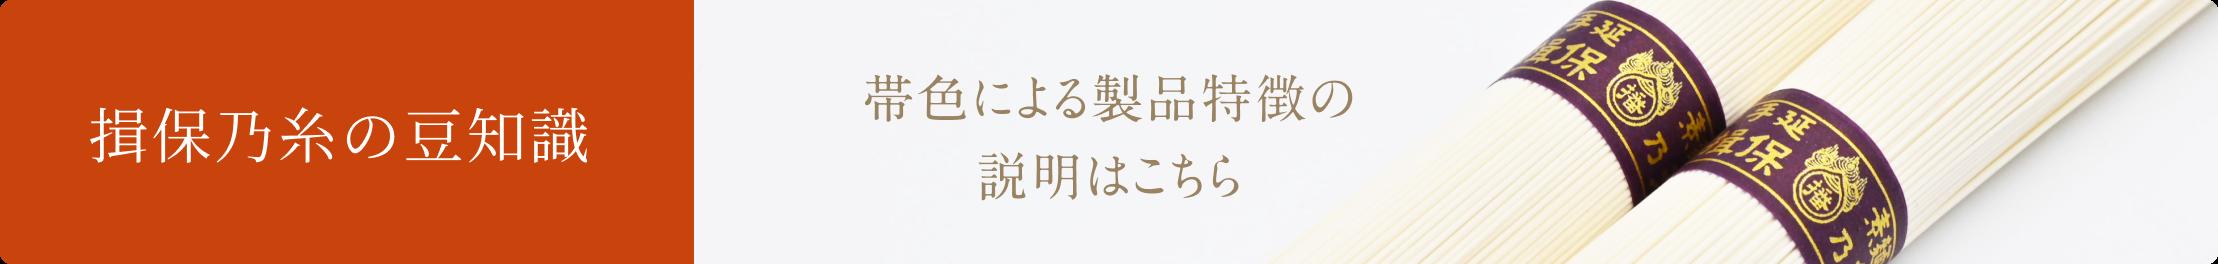 揖保乃糸の豆知識